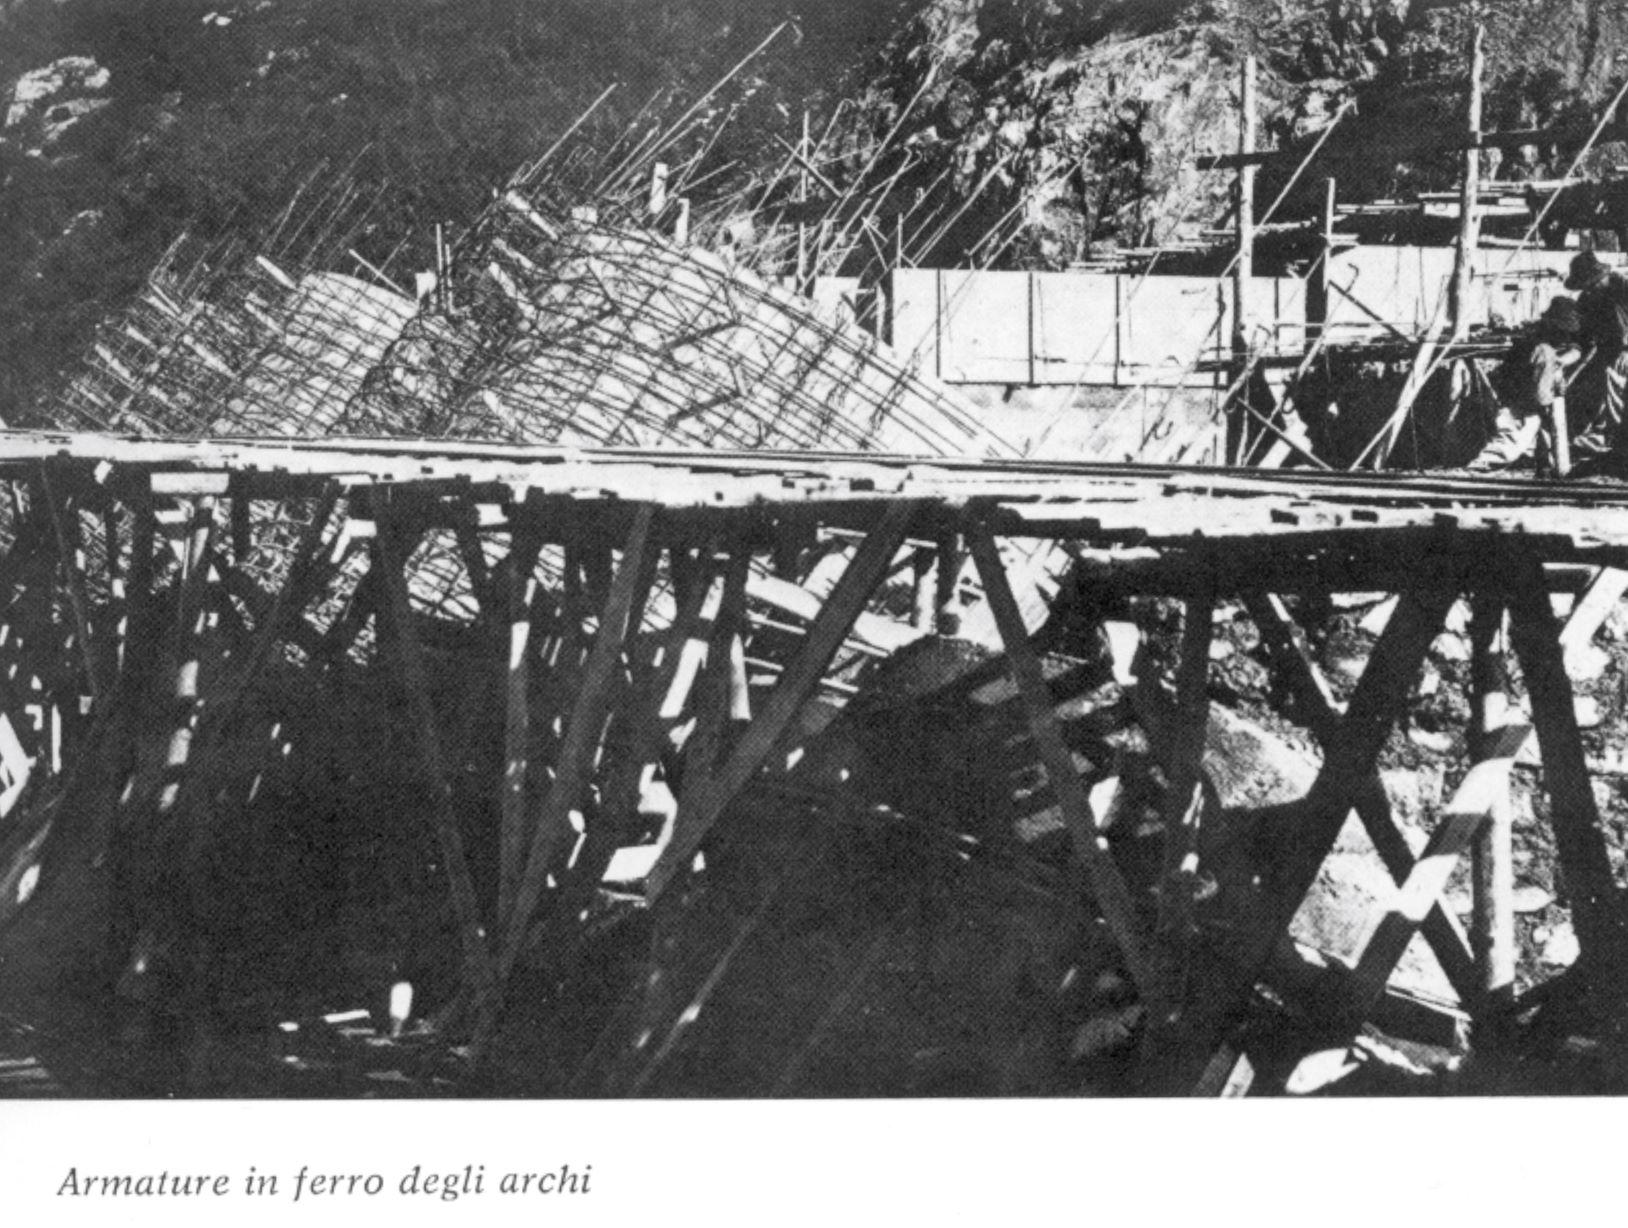 Armature in ferro degli archi